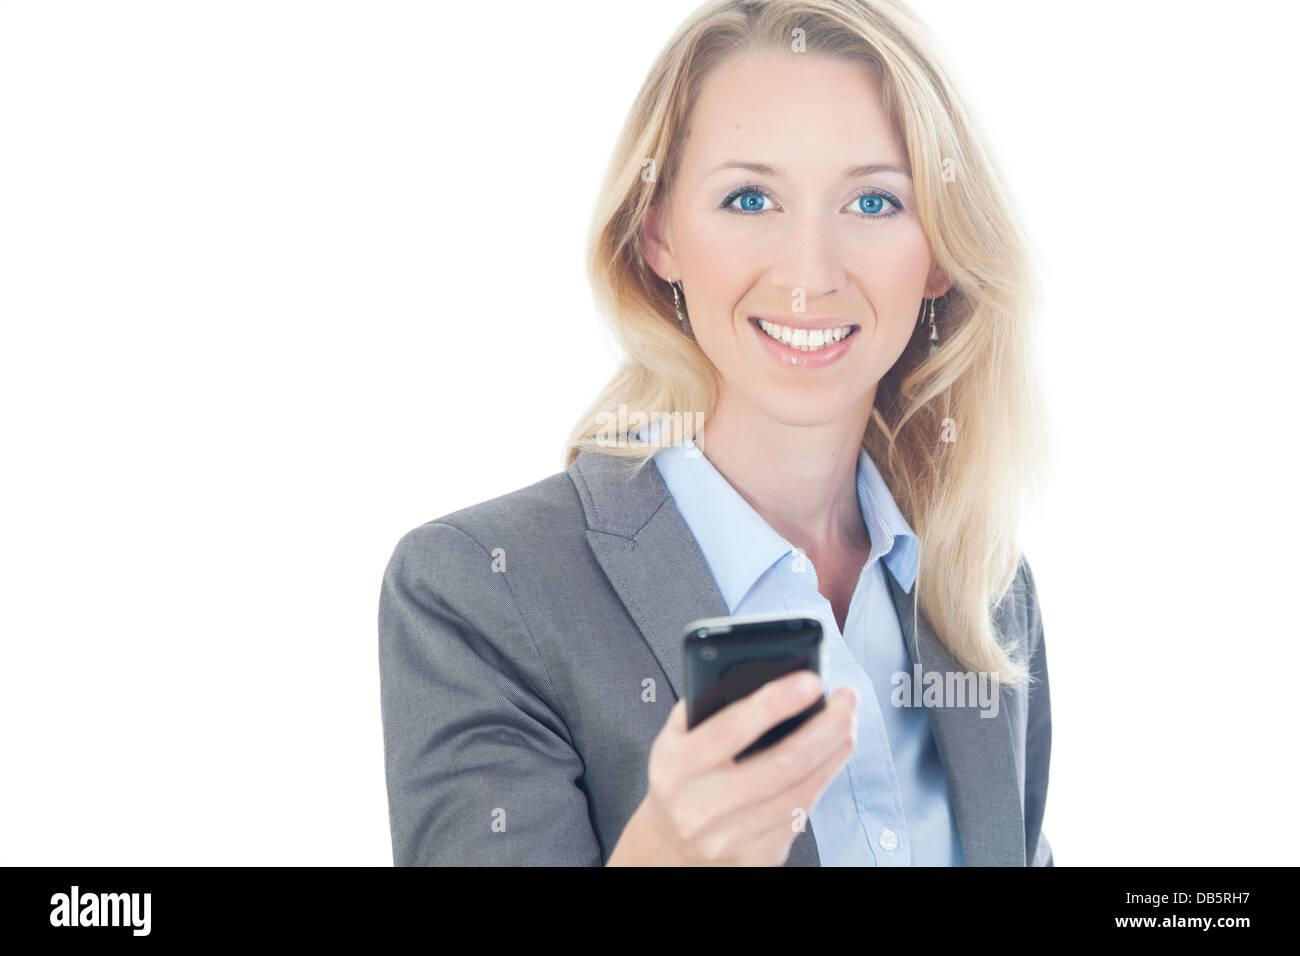 businessfrau telefoniert - Stock Image